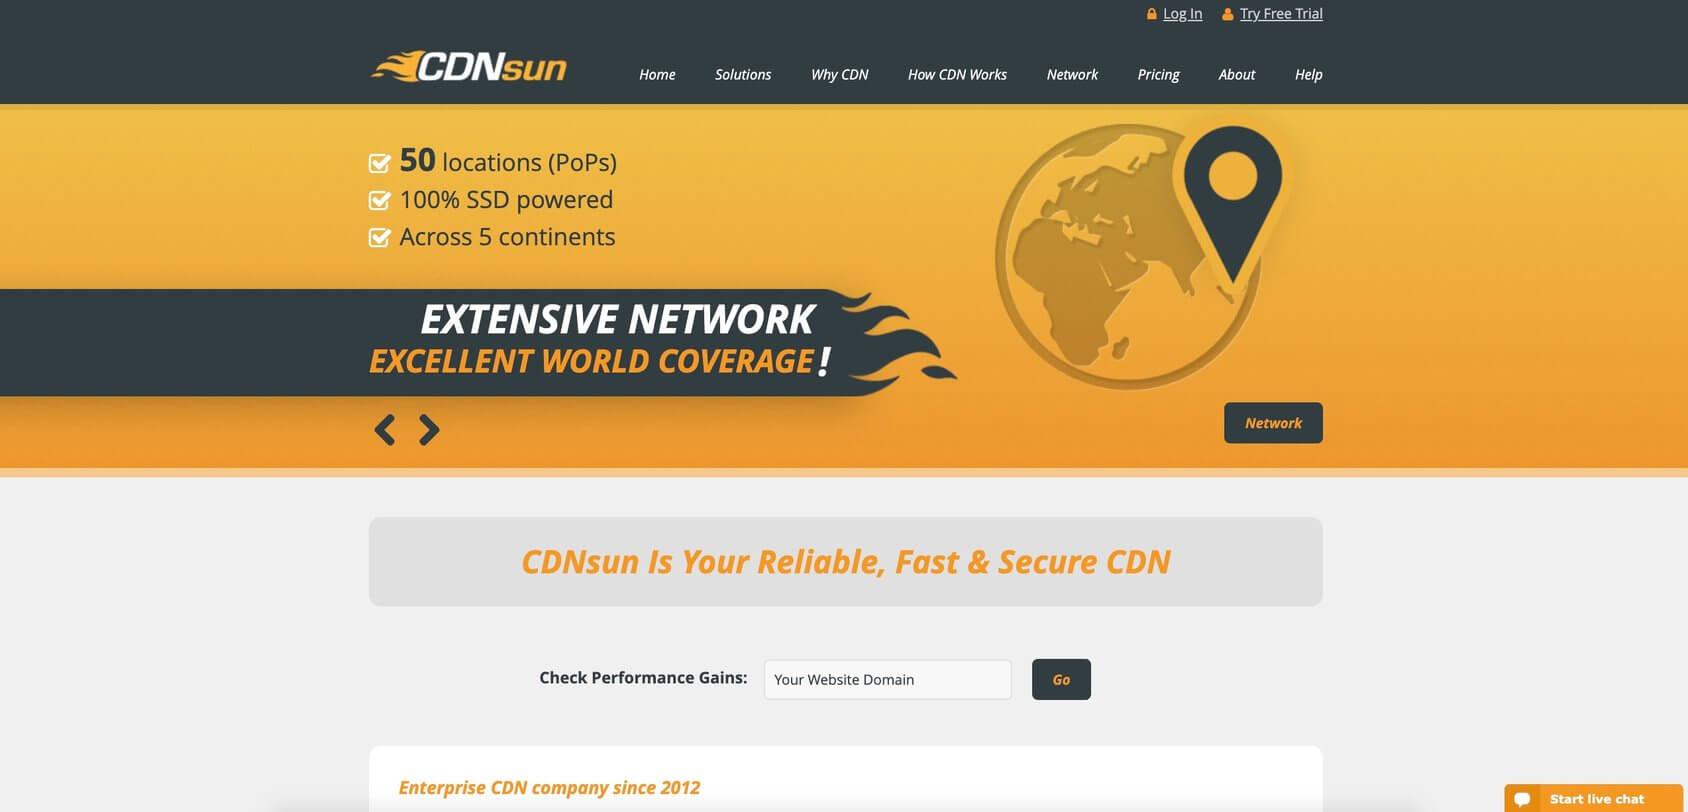 CDNsun homepage